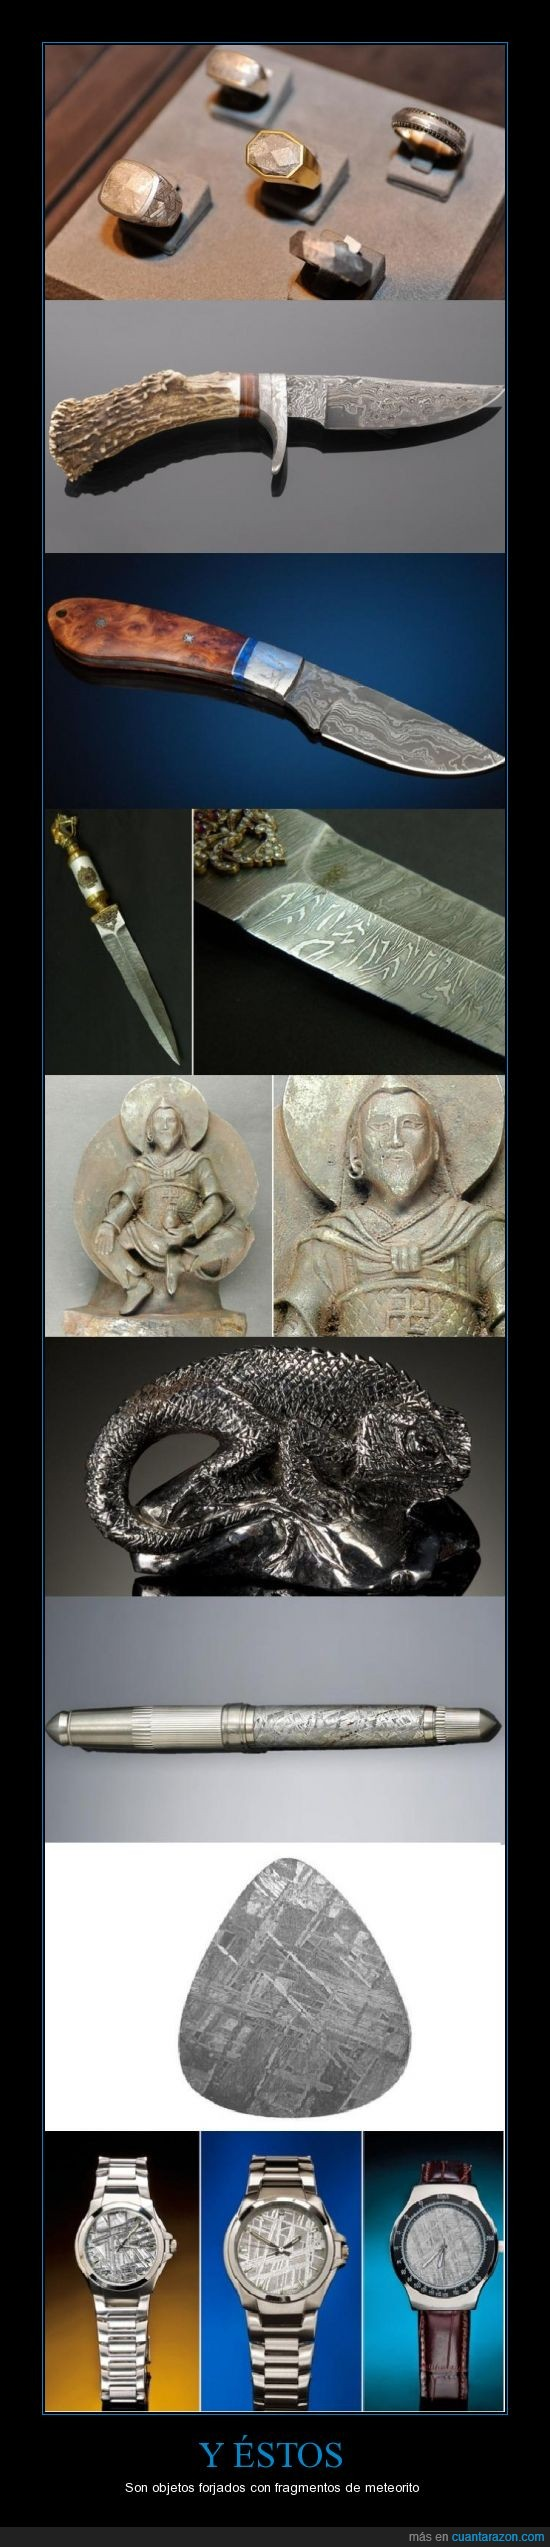 anillos,cosas que nunca tendrás en la vida :D ni en la mía :'(,cuchillo,espada,estatua budista,estatua de reptil,hierro,lapicero inoxidable,metalico,Meteorito,navaja,pua de guitarra,reloj